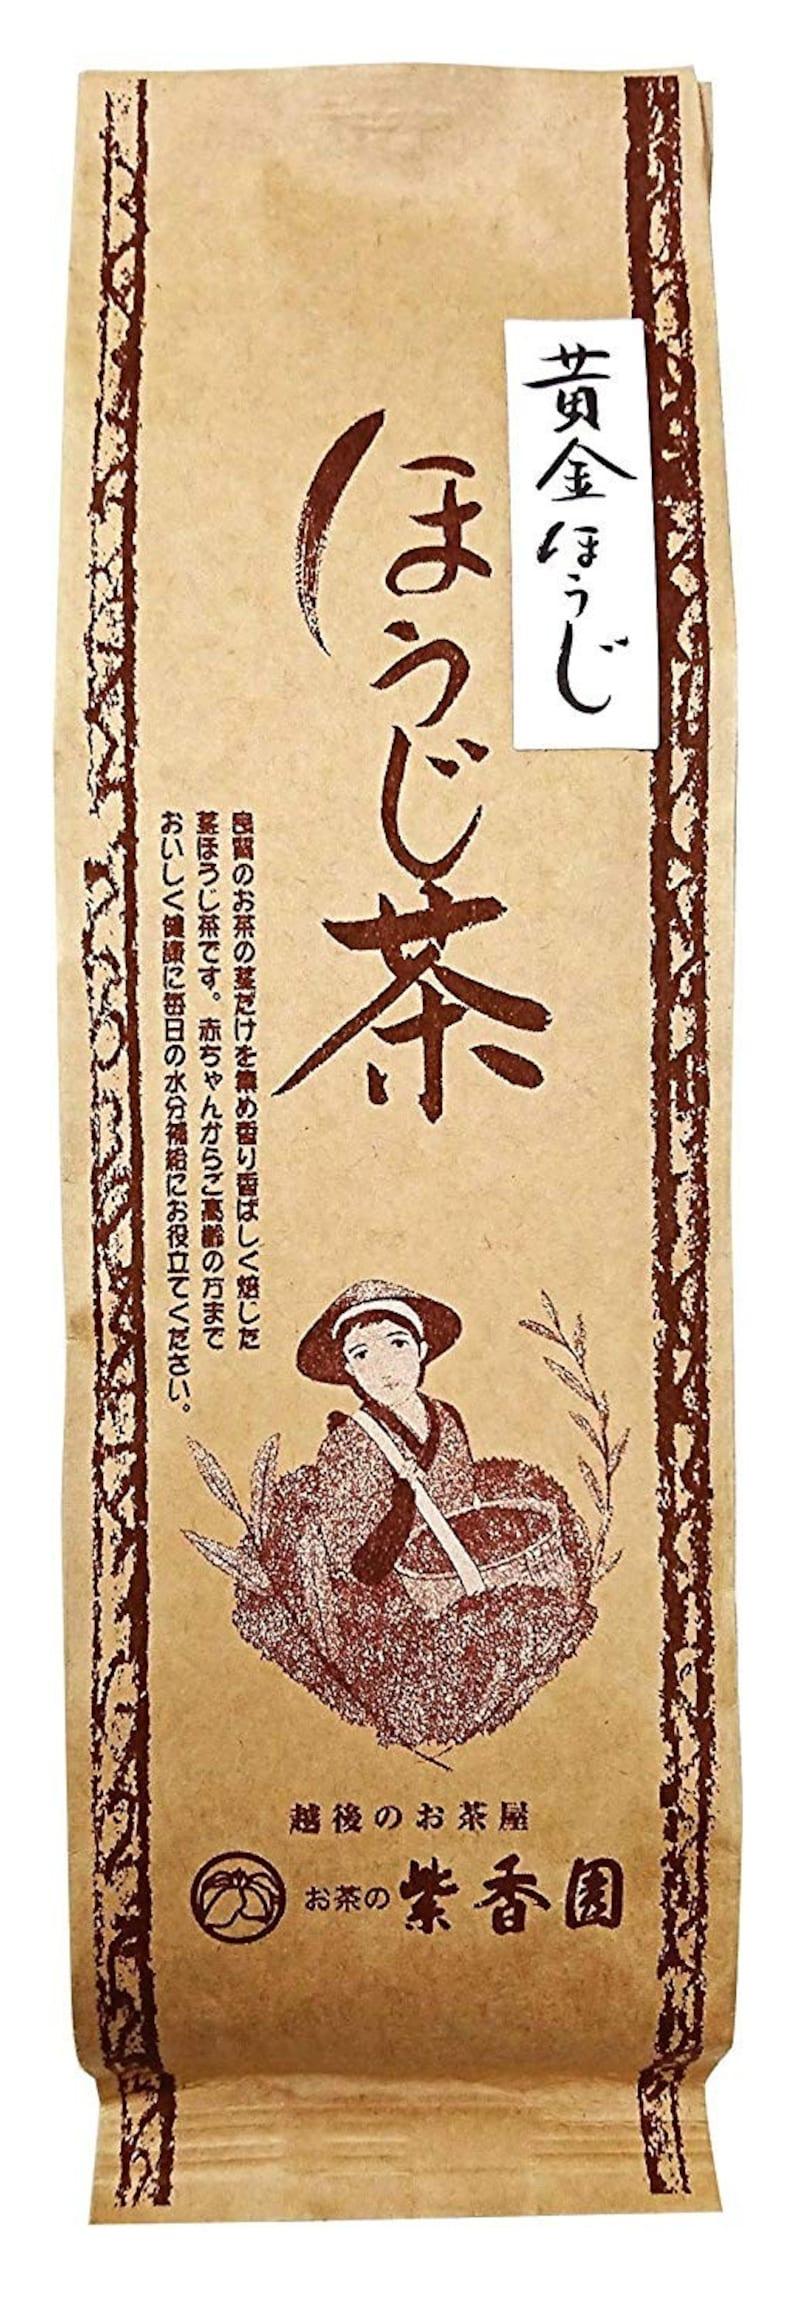 お茶の紫香園,ほうじ茶 100g (黄金ほうじ)